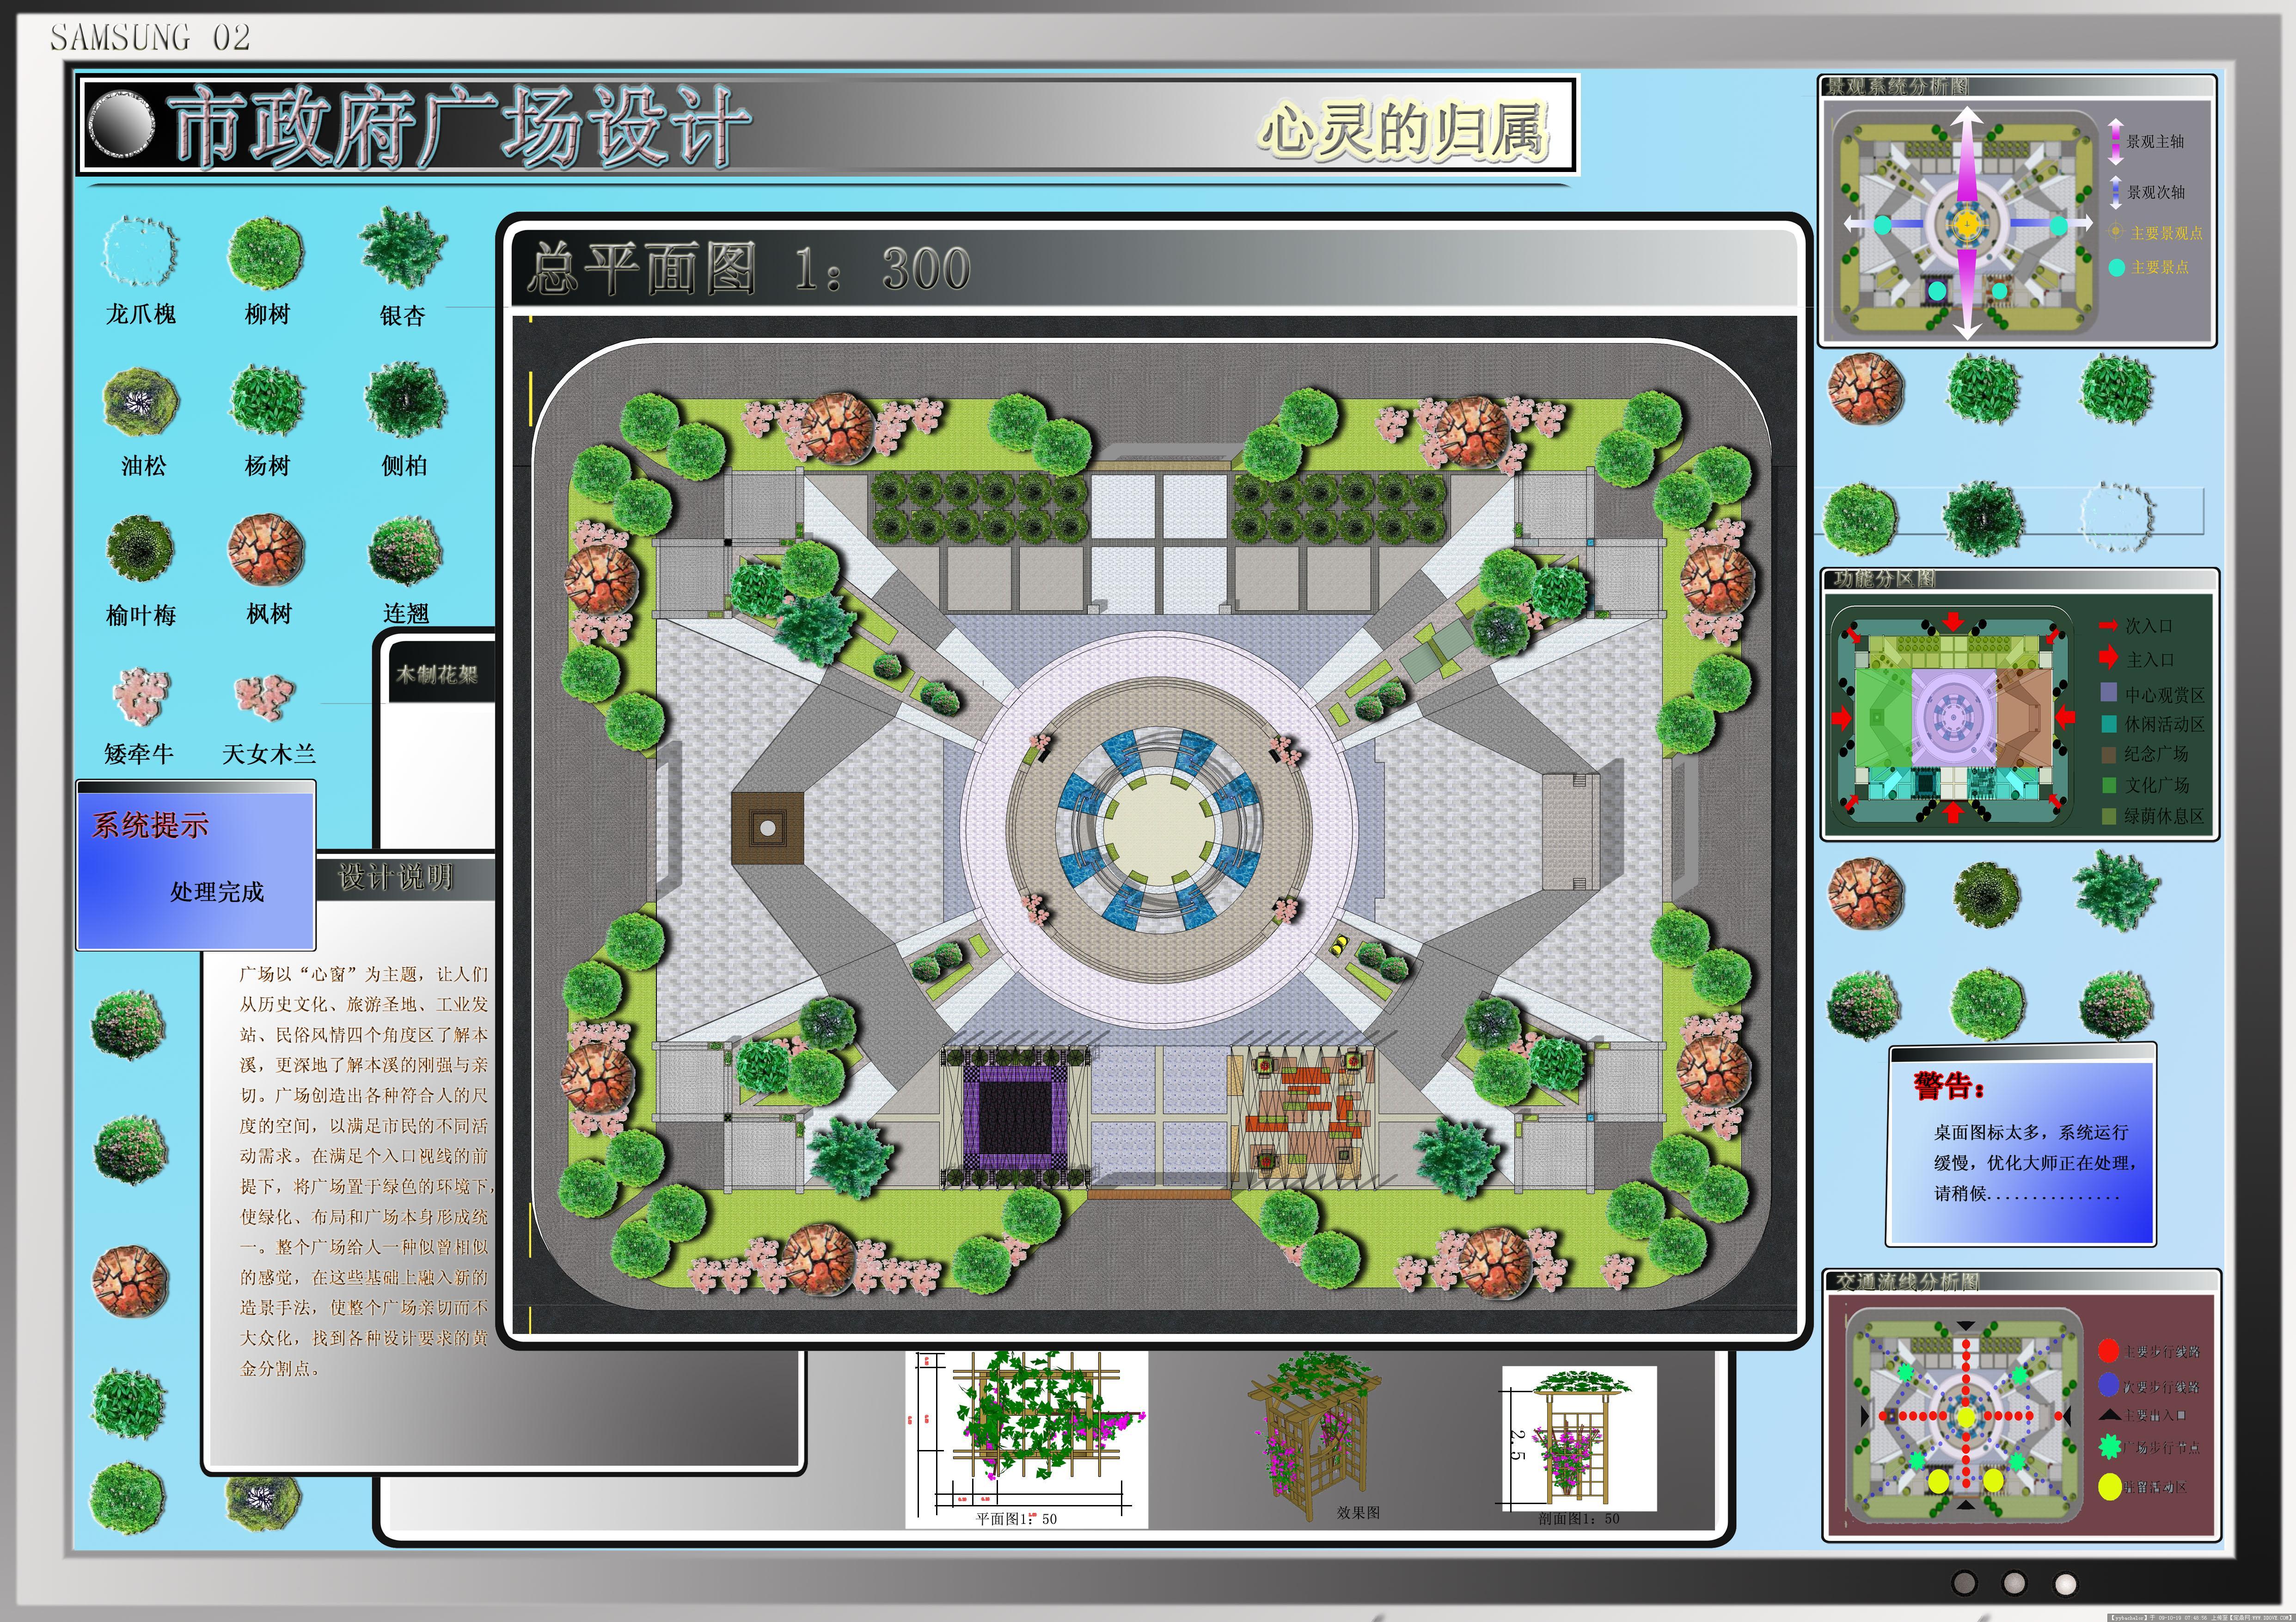 政府广场设计(总平面效果)的图片浏览